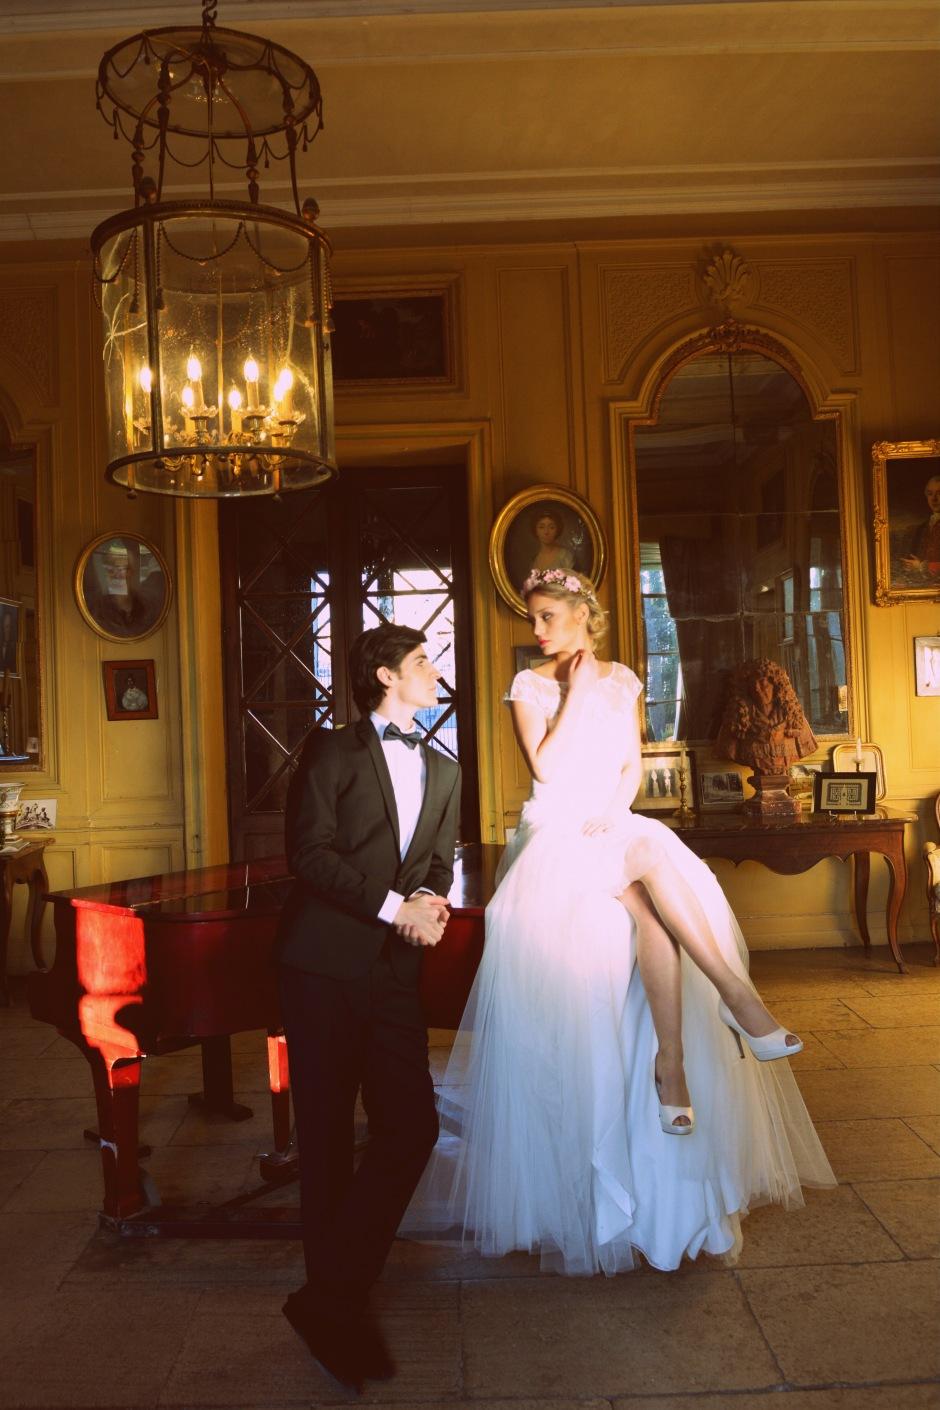 mariage-fiancailles-st-valentin-chateau-de-la-mogere-43